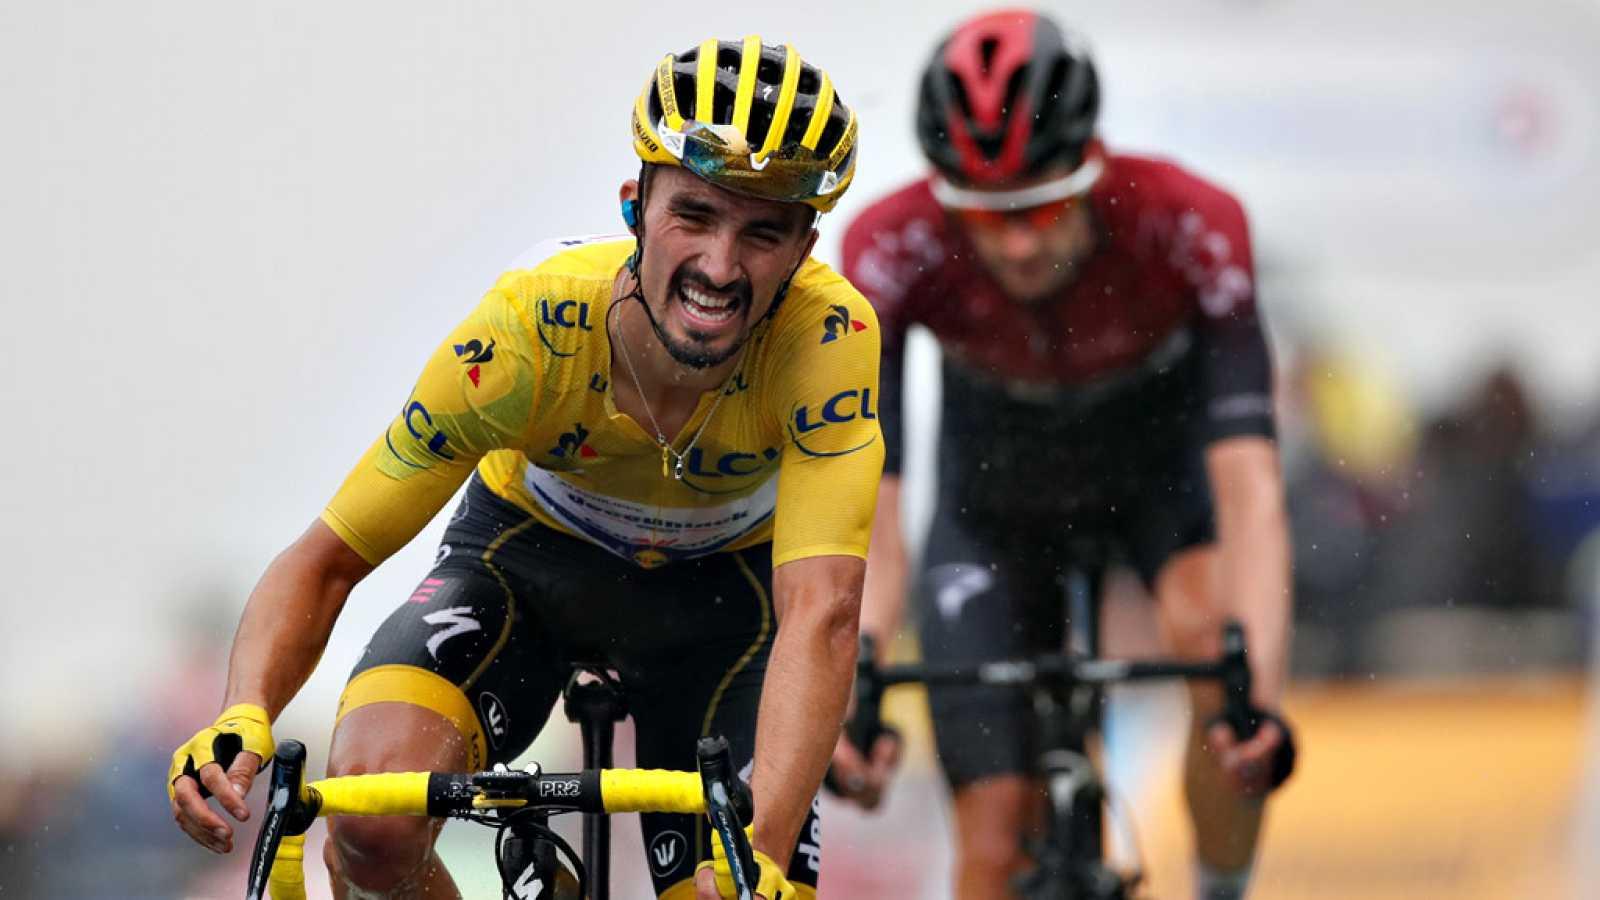 El ciclista británico Simon Yates, del Mitchelton-Scott, ha ganado  este domingo la decimoquinta etapa del Tour de Francia, disputada  sobre 185 kilómetros entre Limoux y el inédito puerto montañoso de  Prat d'Albis, mientras que el francés Julian Al